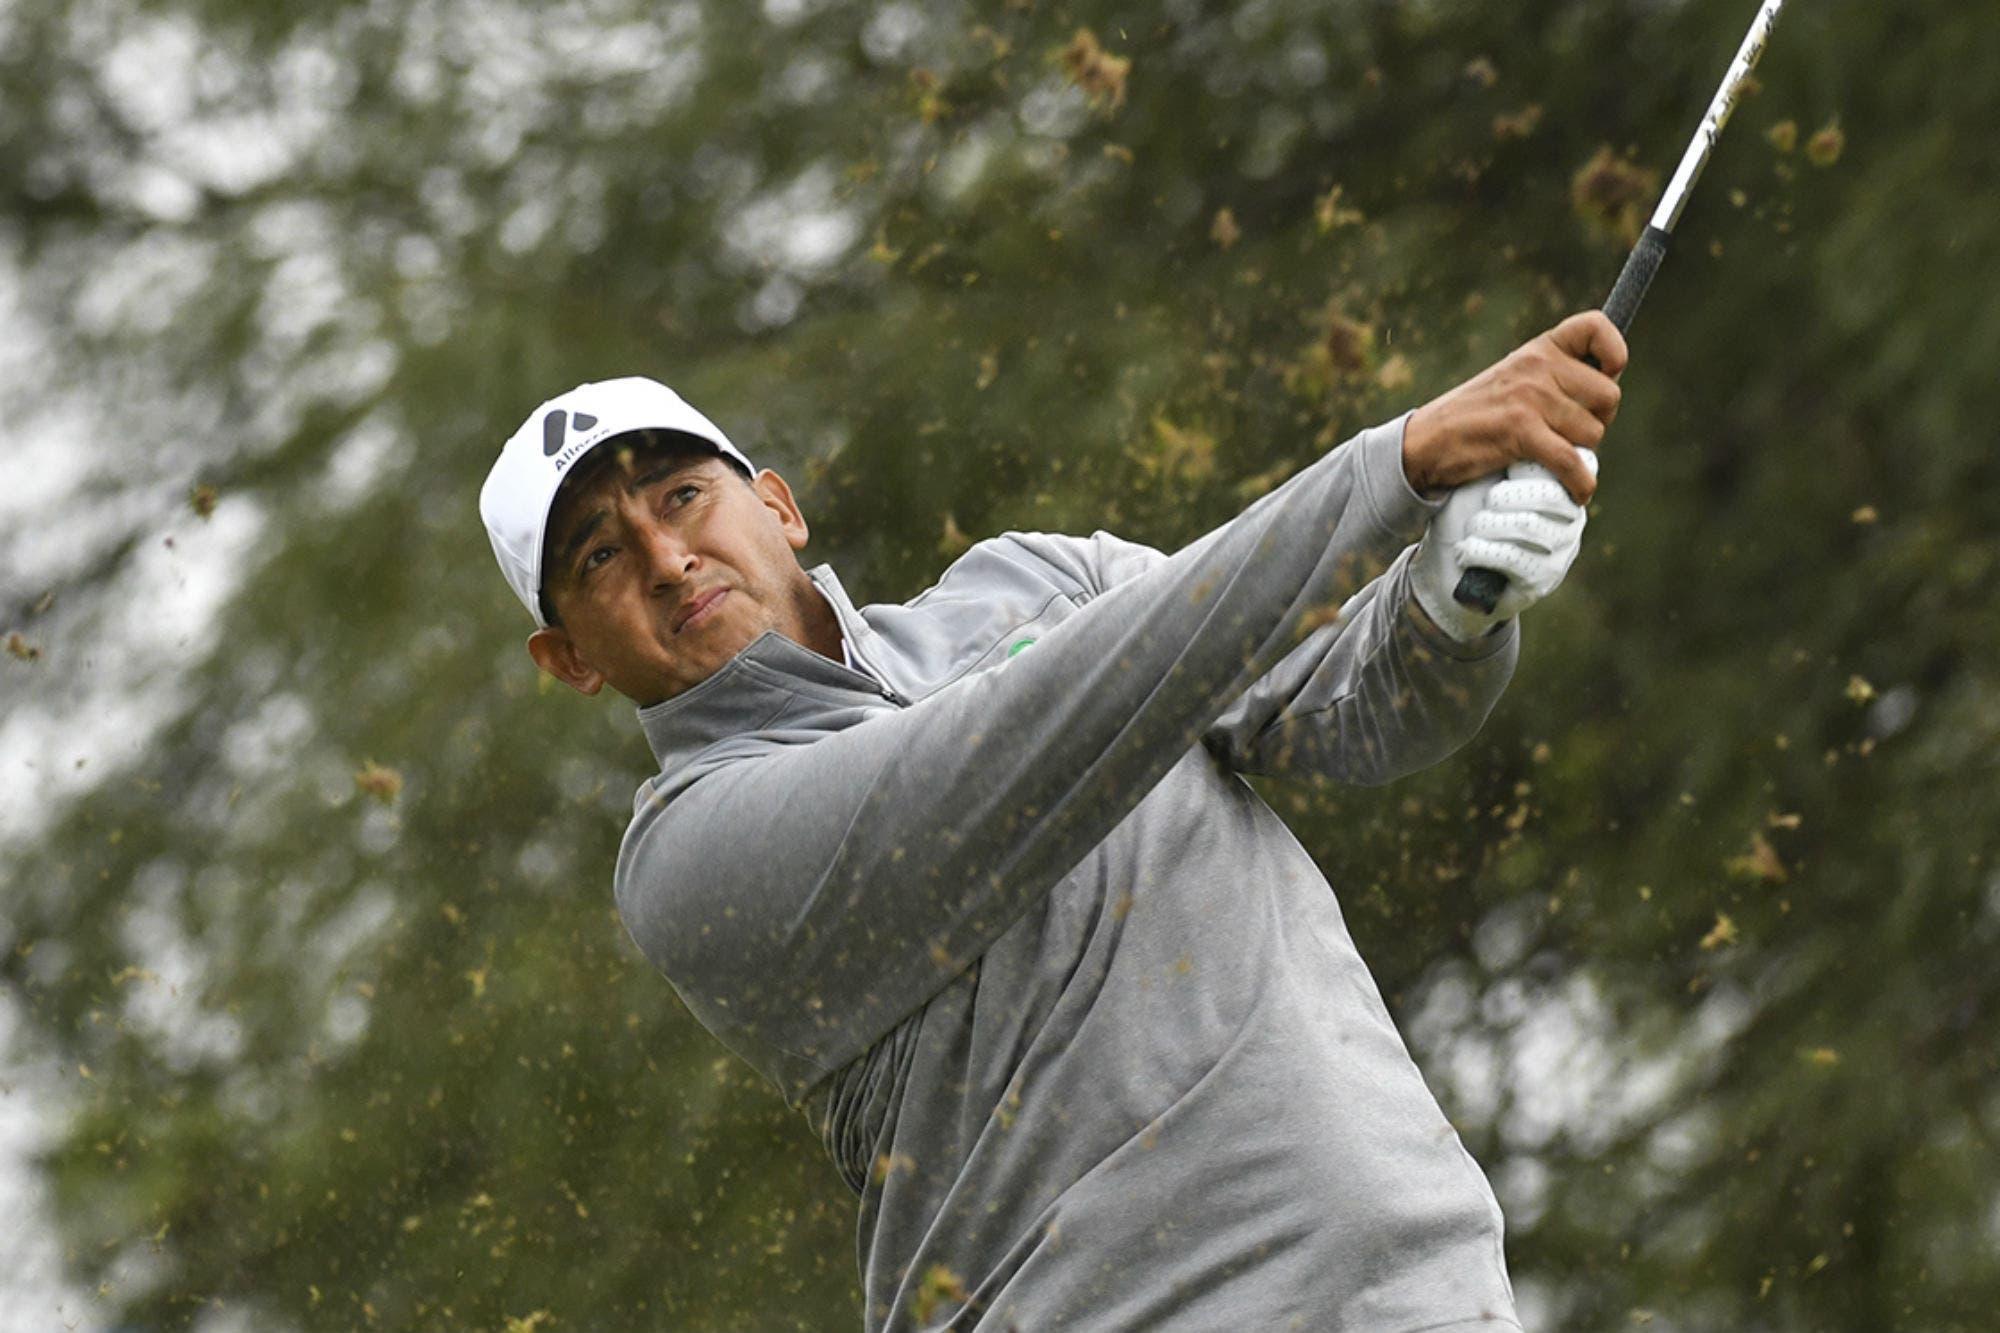 Abierto del Centro: Paulo Pinto lidera en un torneo que tiene que ponerse al día